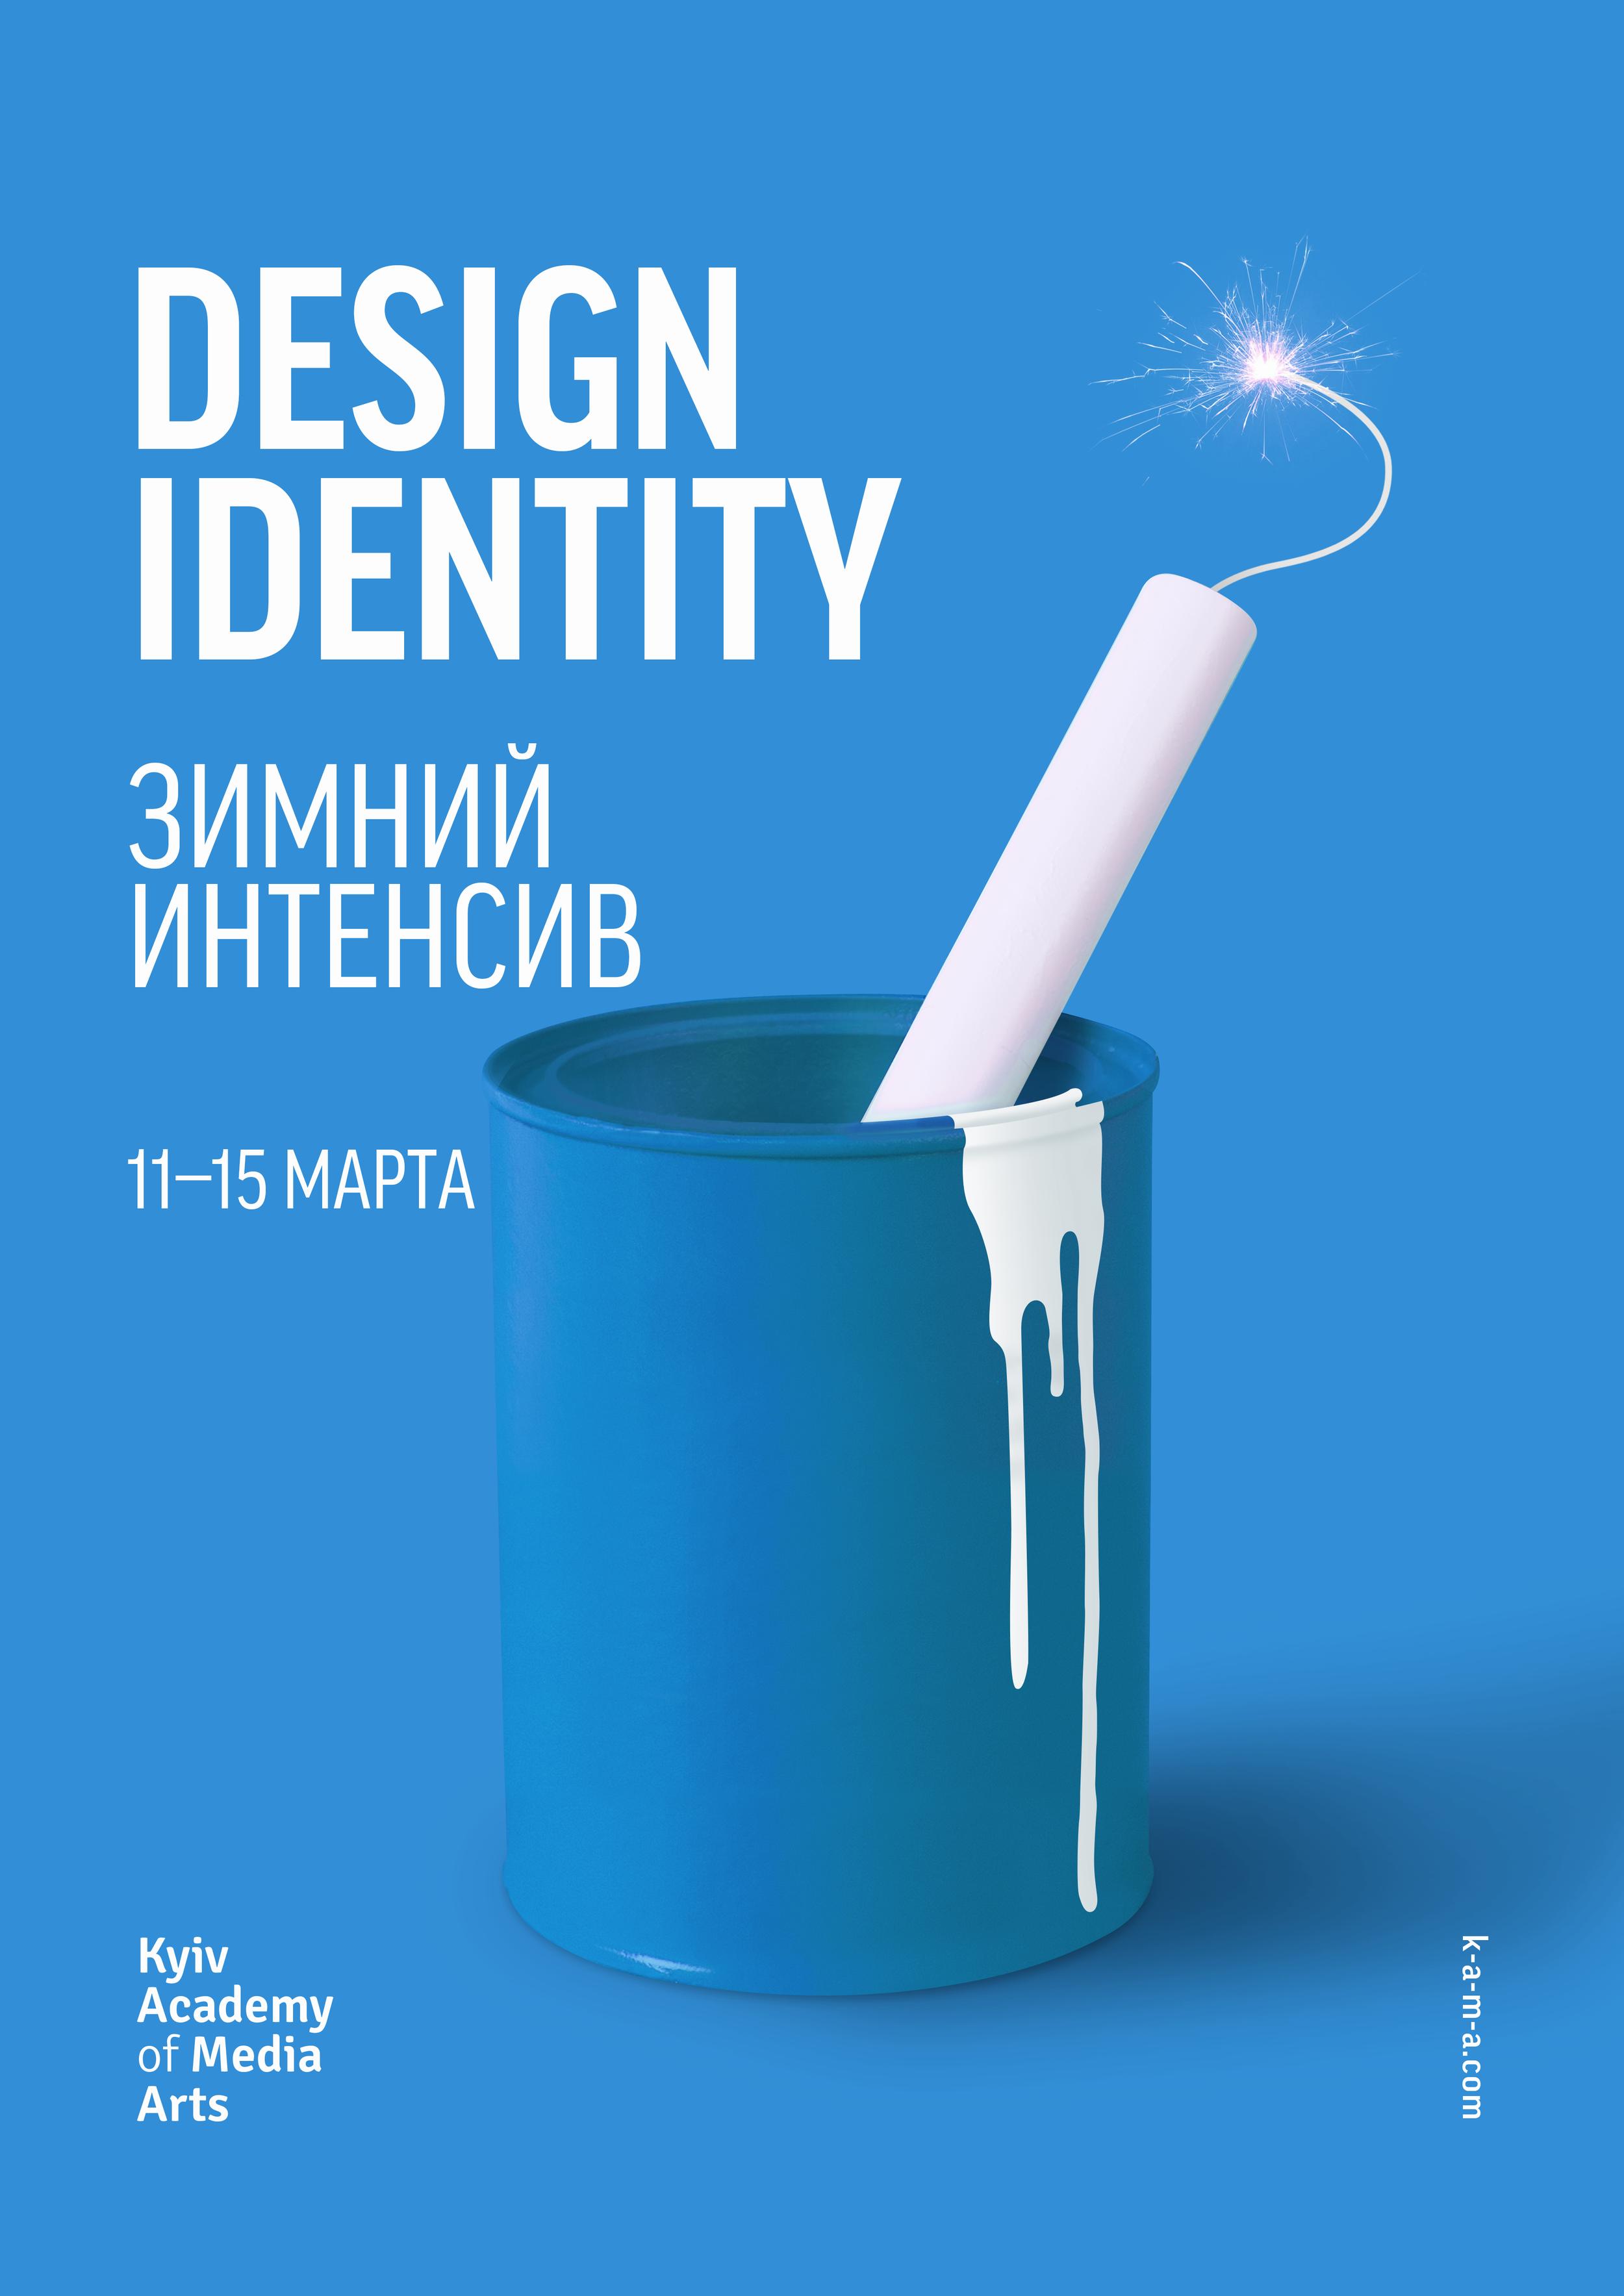 shkola_branding.png